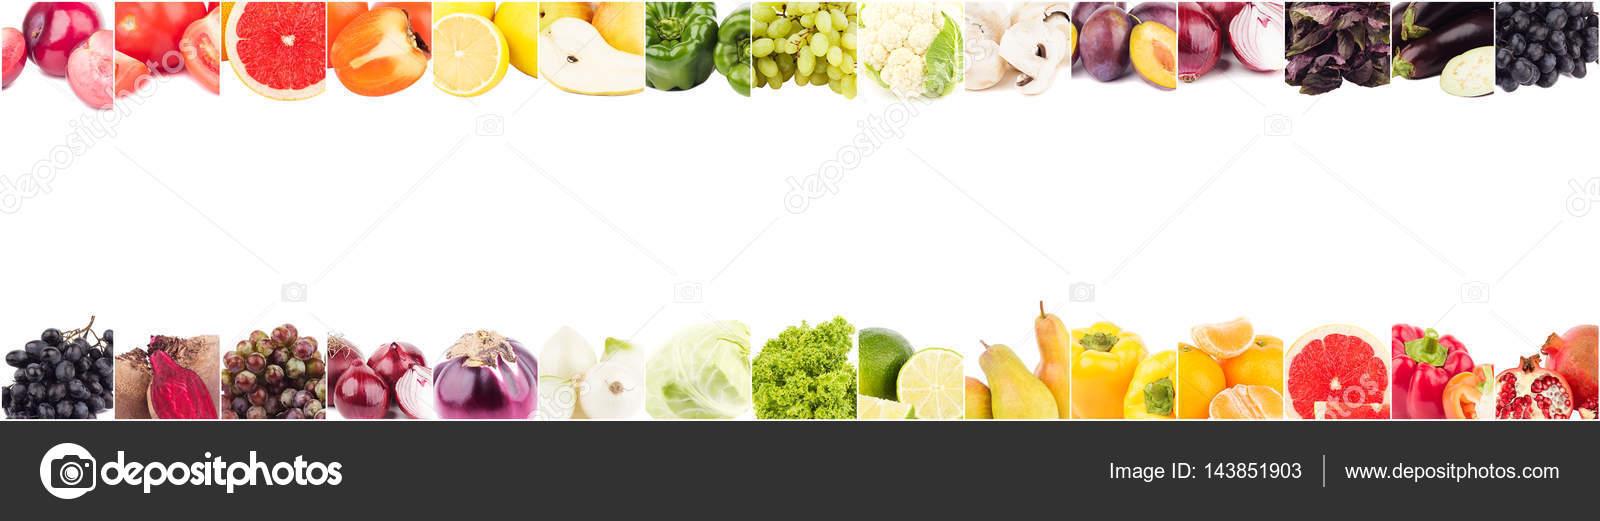 Wiersze Z Różnych Kolorowych Warzyw I Owoców Na Białym Tle